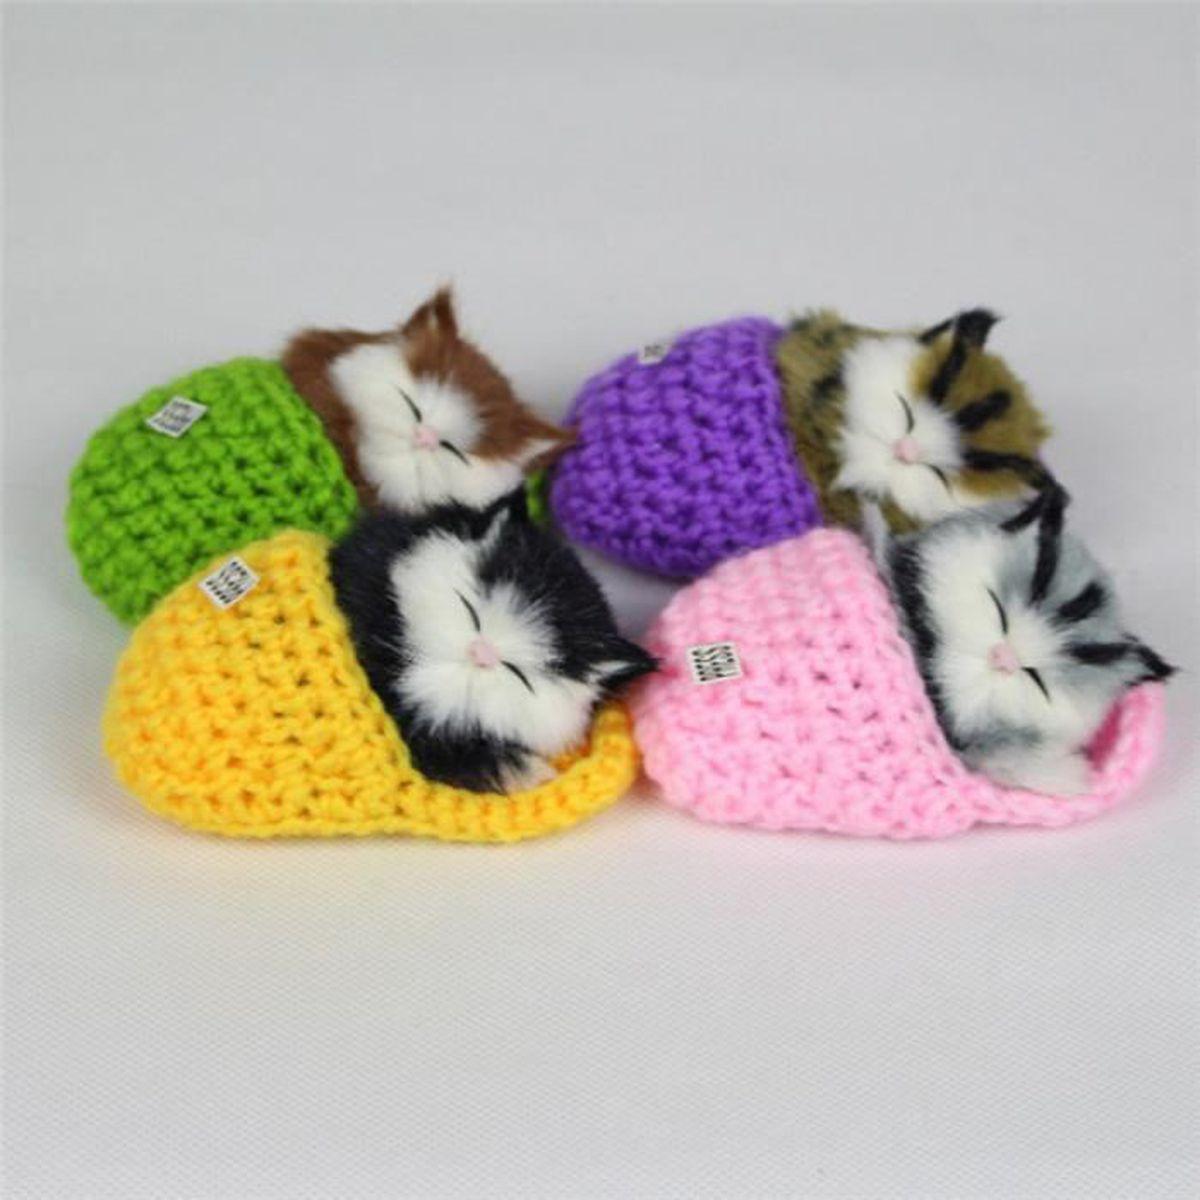 chaton mignon pantoufles 10x6cm avec jouet en peluche pour chat vocal achat vente peluche. Black Bedroom Furniture Sets. Home Design Ideas